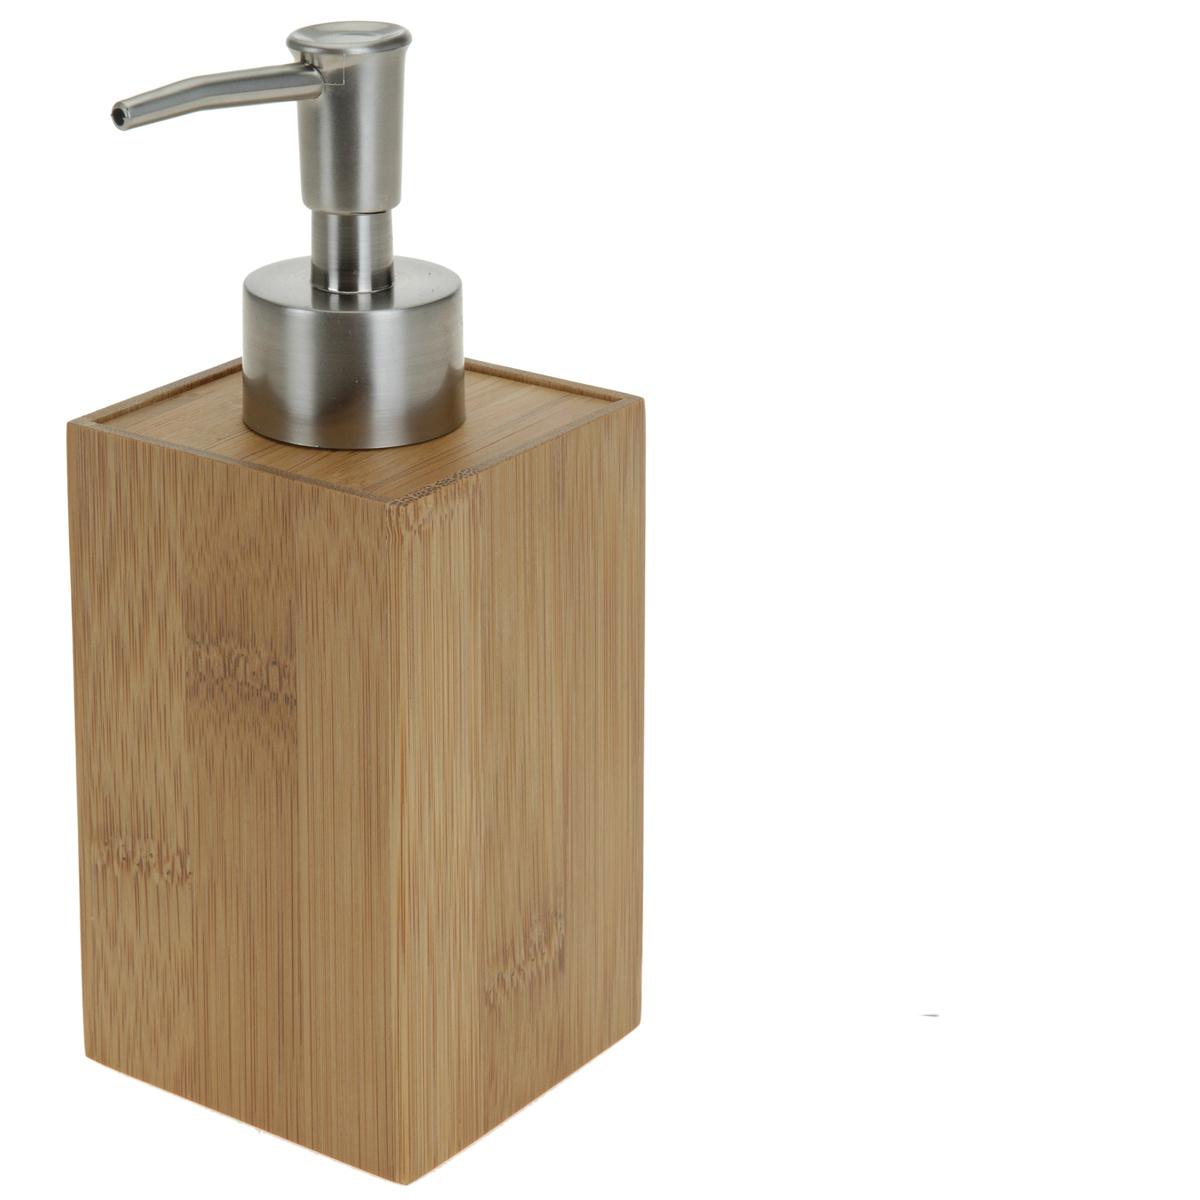 Dávkovač na mýdlo, bambus